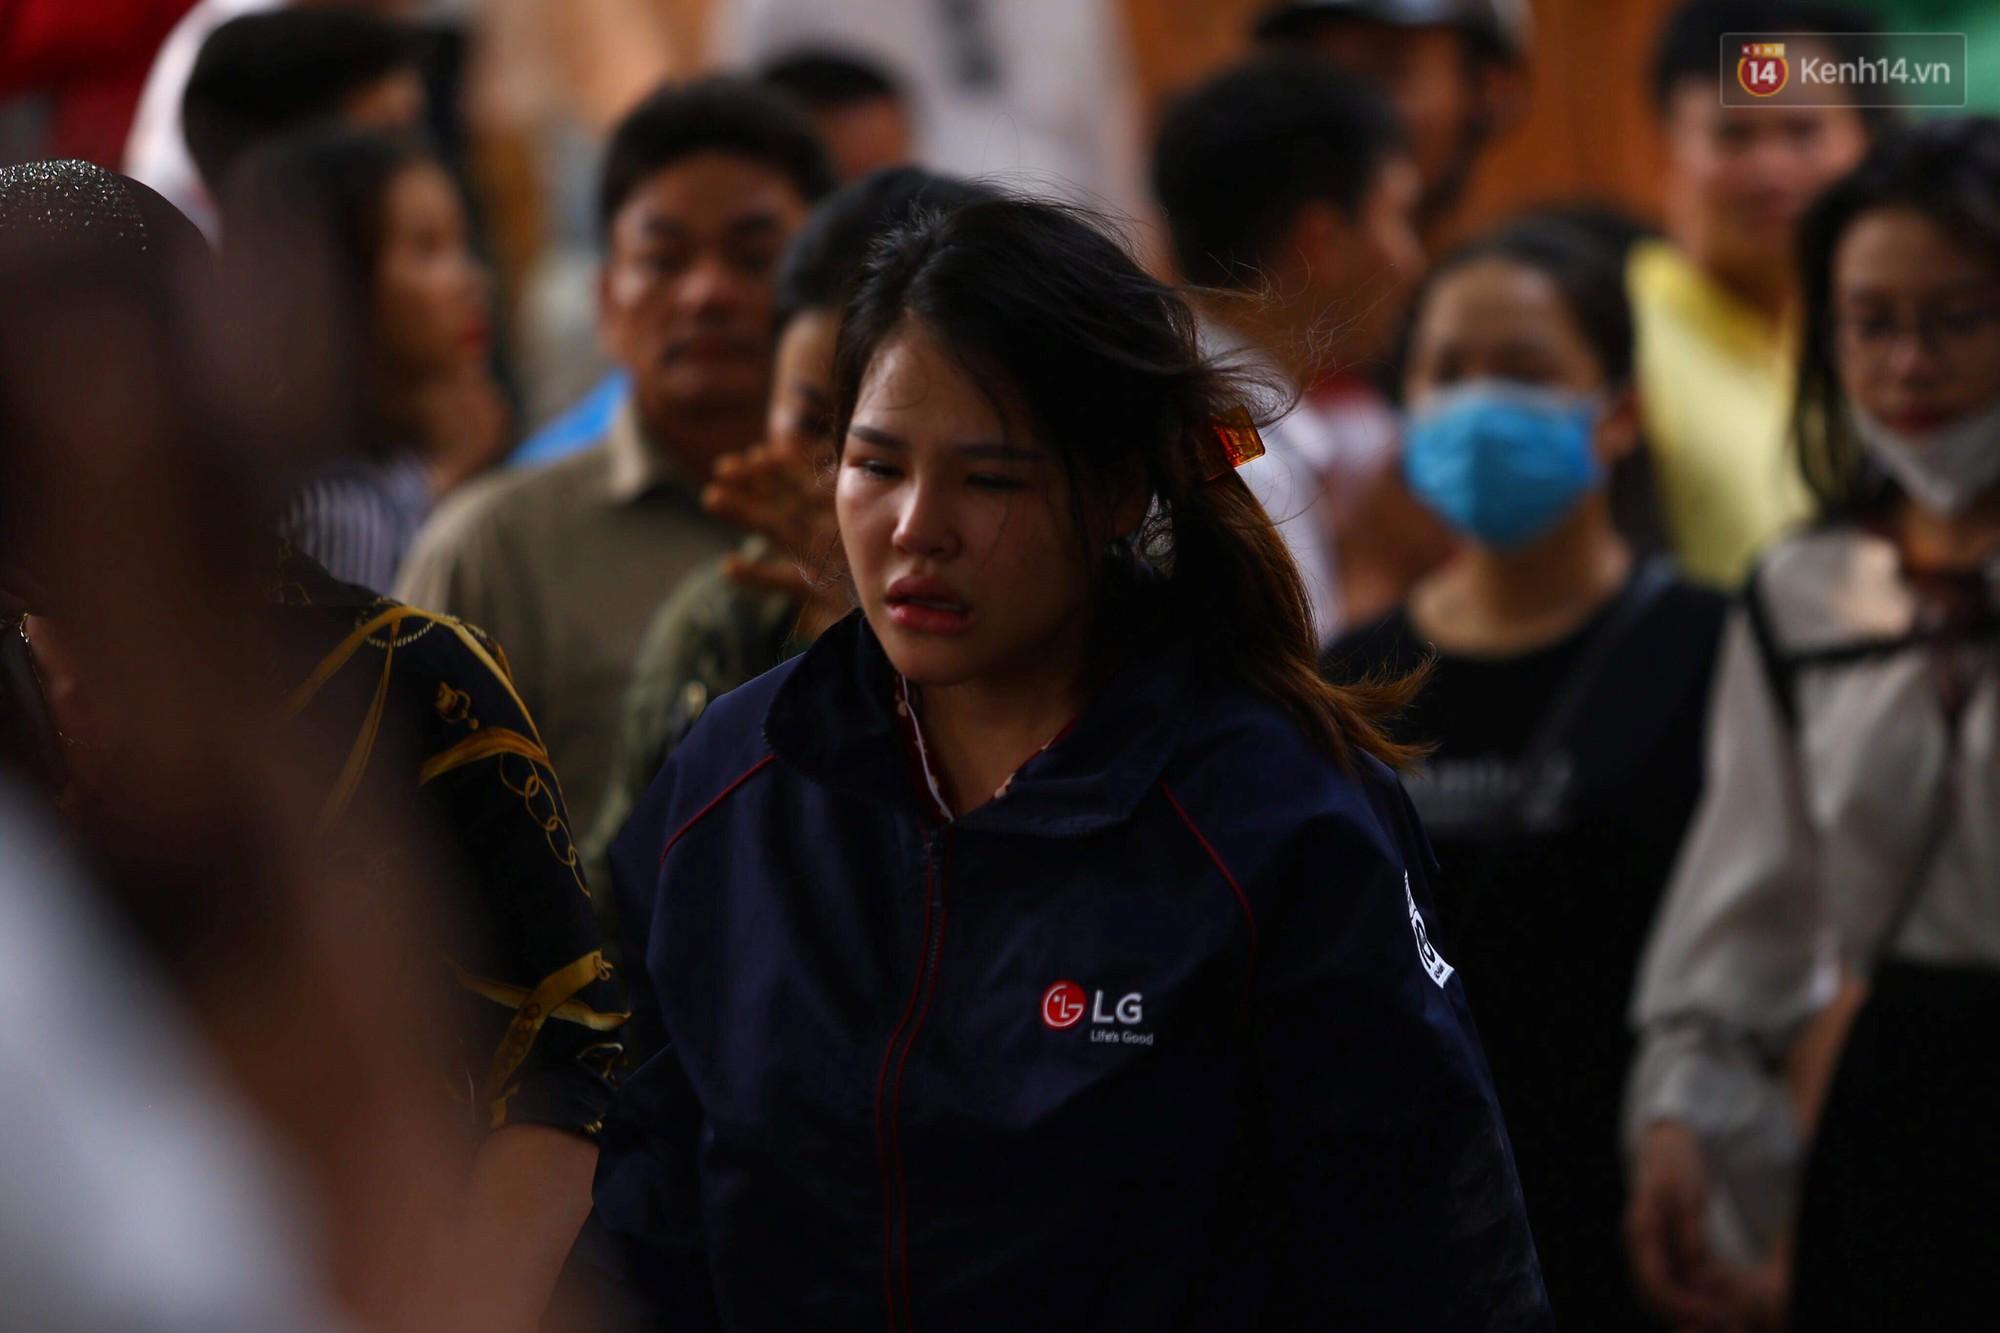 Người nhà nạn nhân đau đớn, khóc ngất tại hiện trường vụ hỏa hoạn khiến 8 người chết và mất tích-9